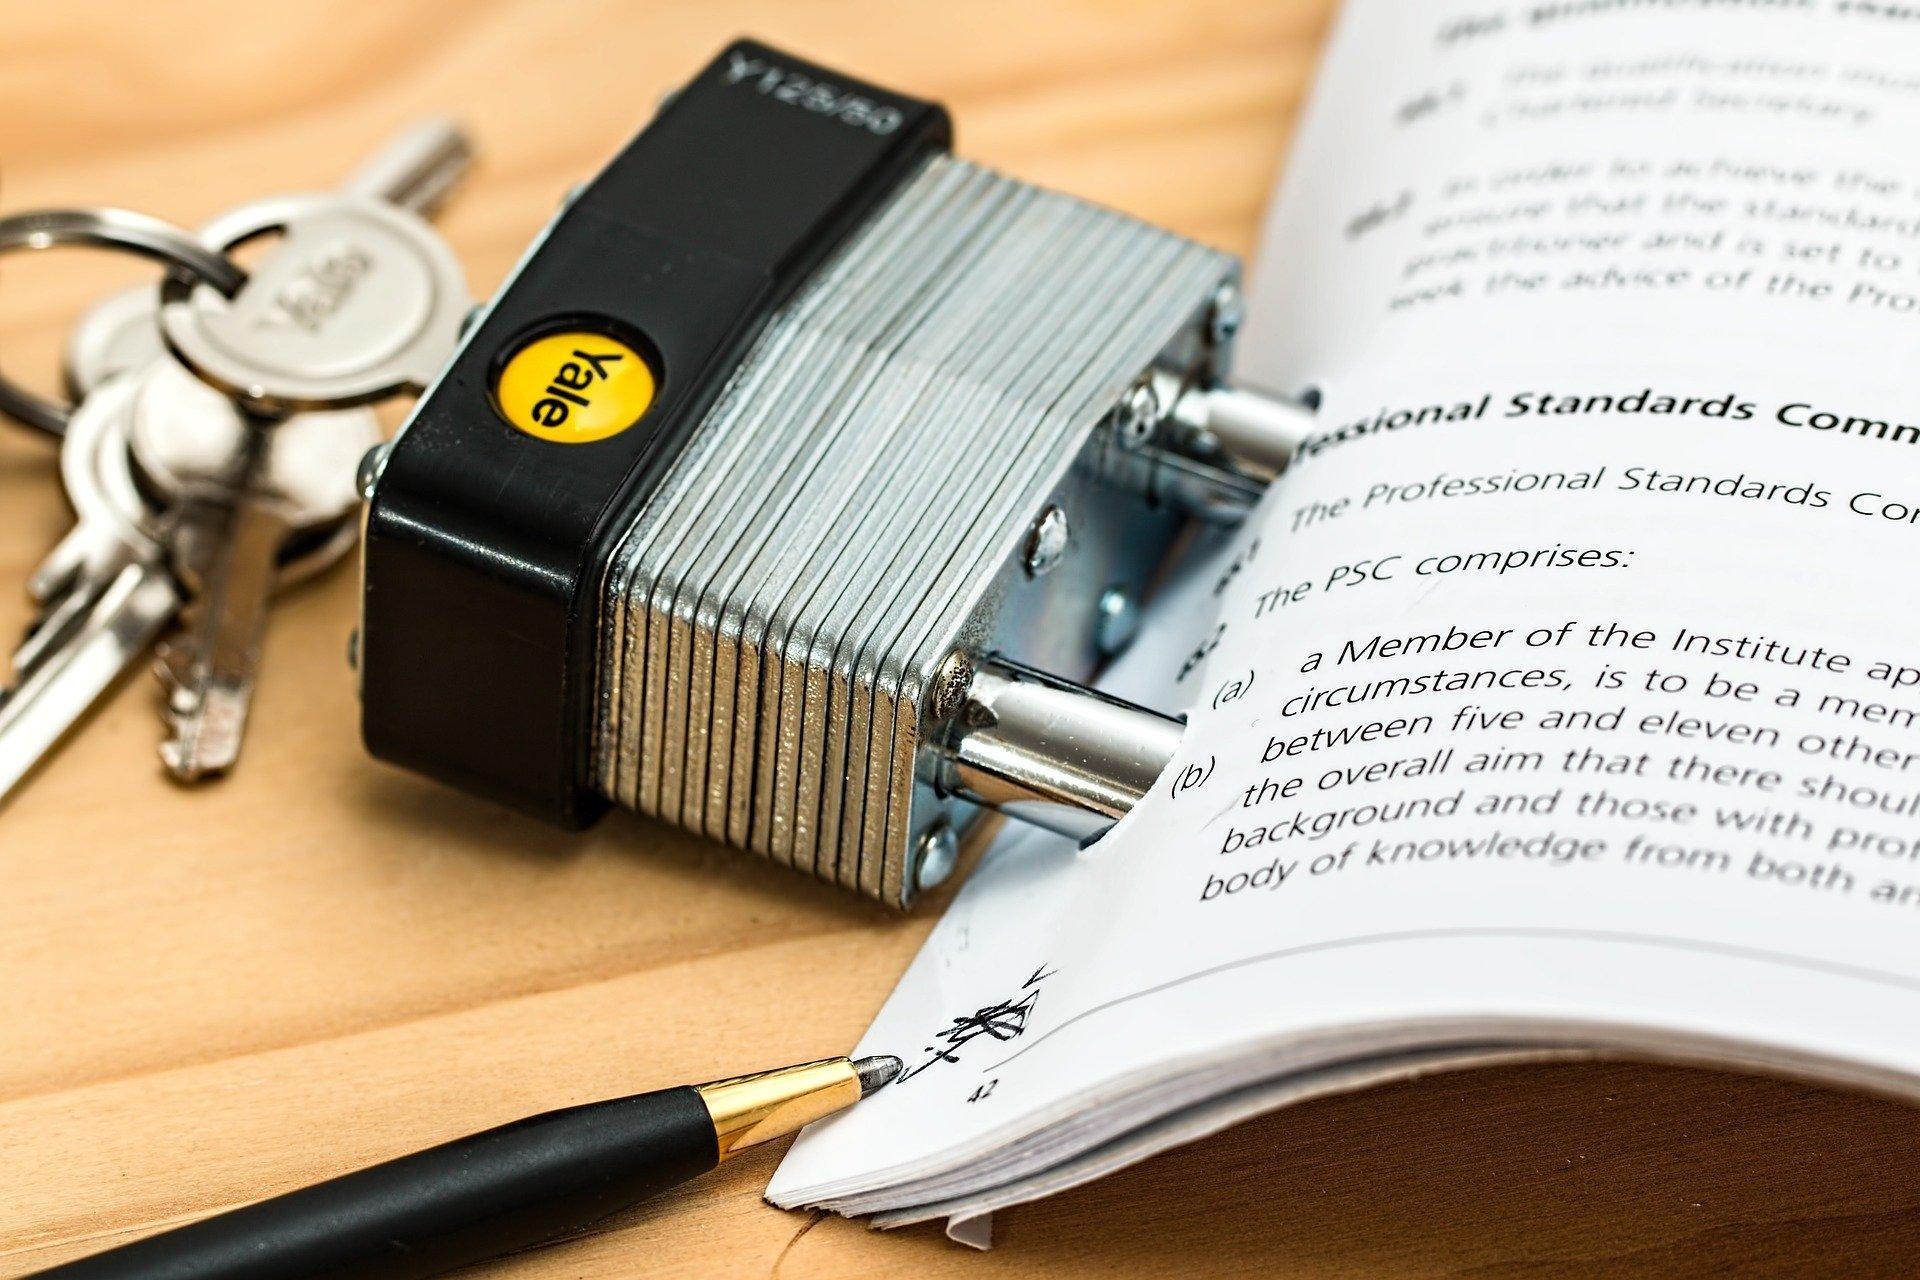 Регламентация подачи декларации о соответствии участника требованиям 44-ФЗ